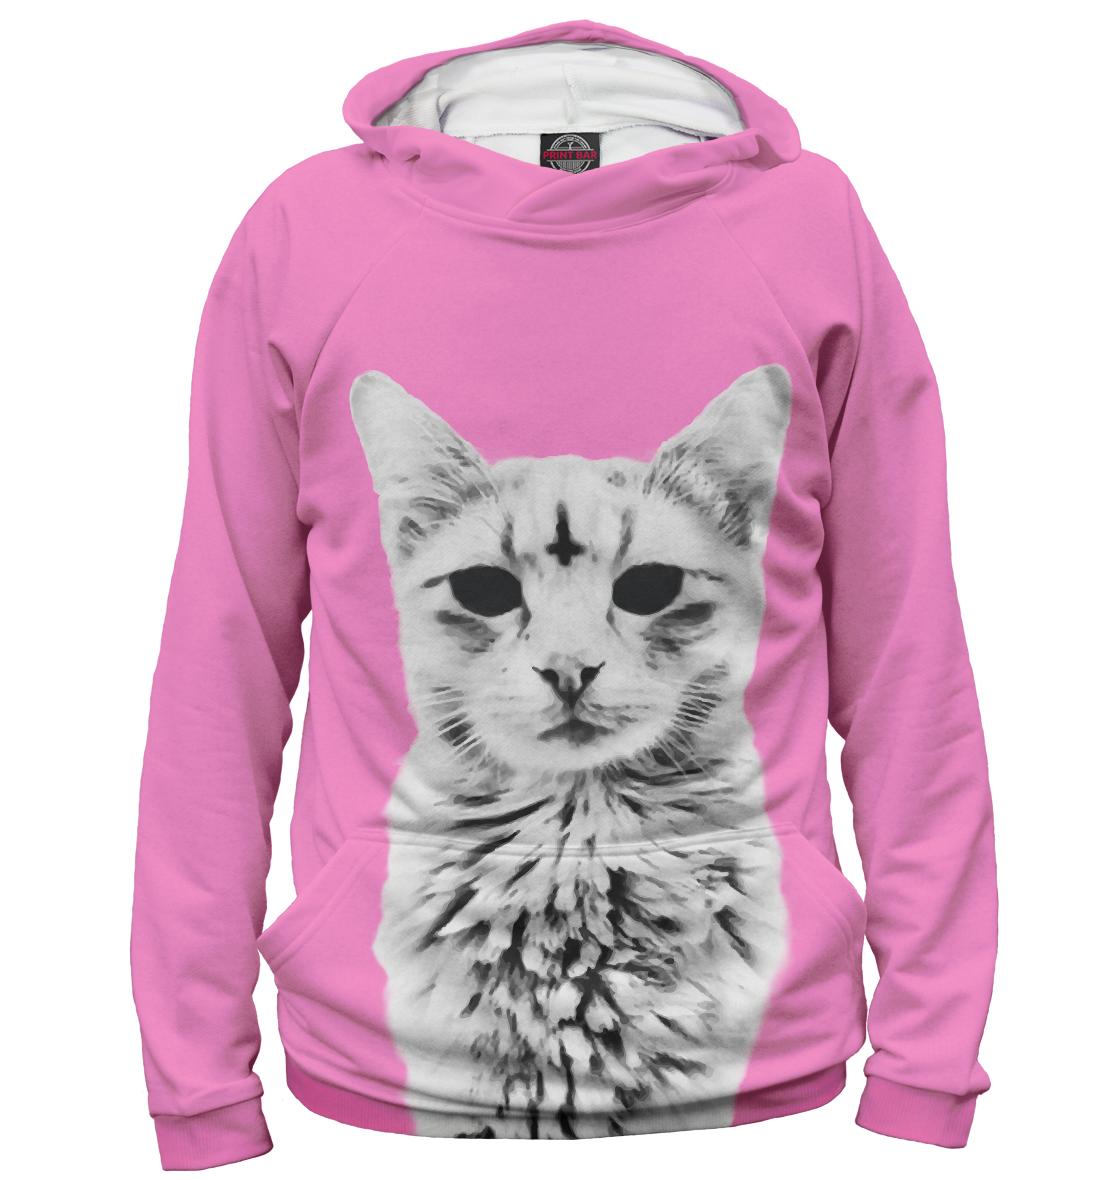 Купить Худи для мальчика Коты CAT-850644-hud-2